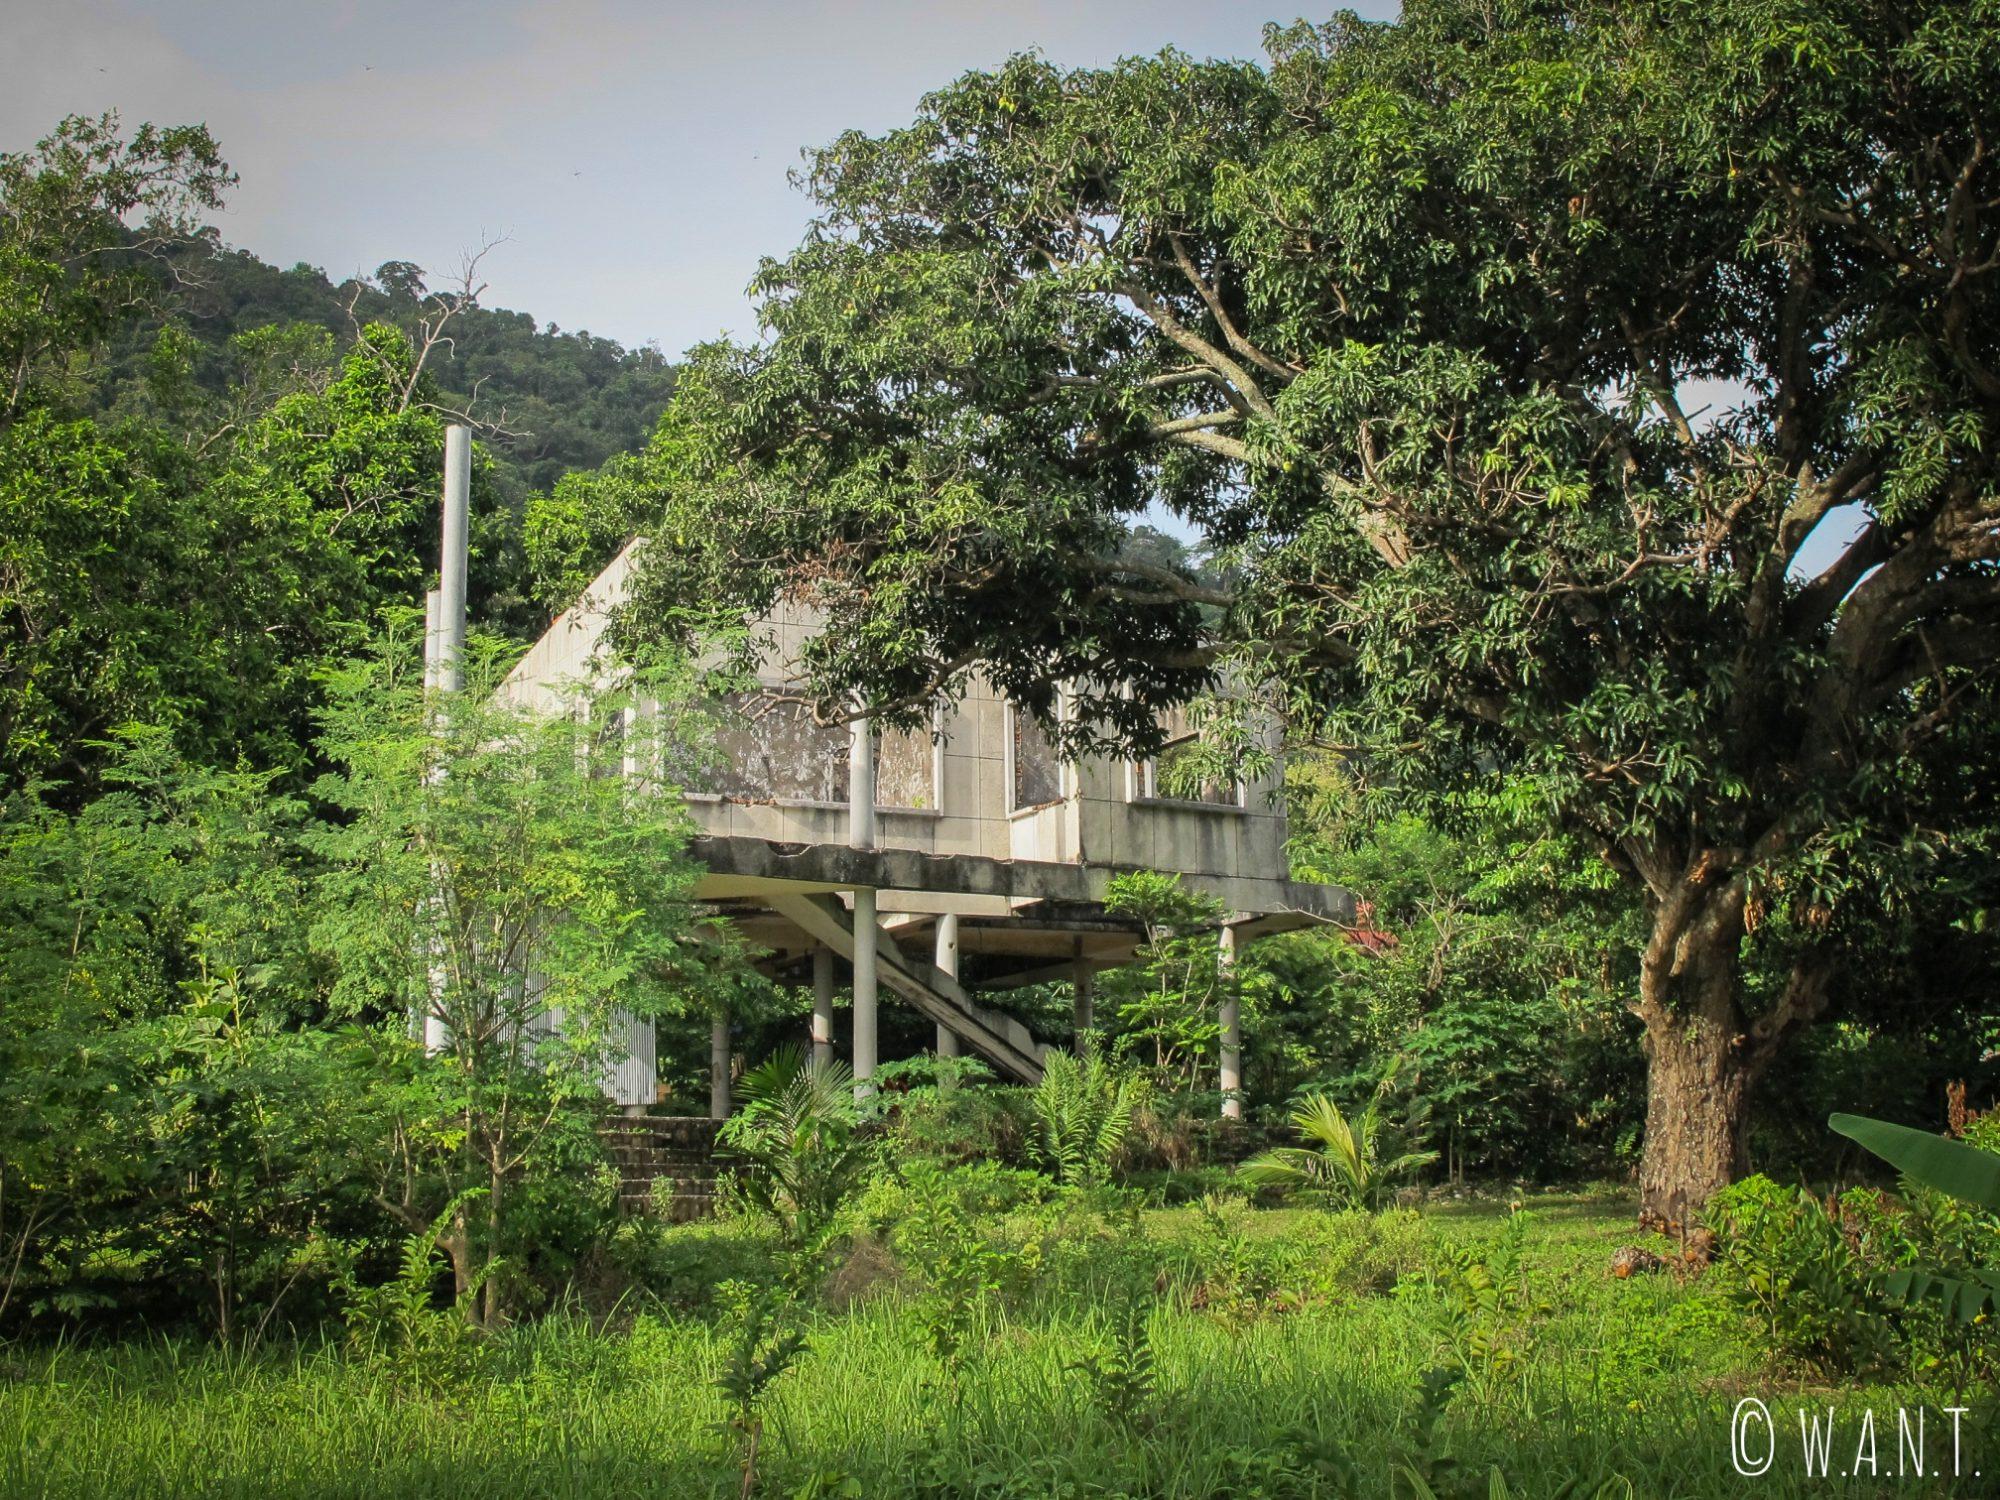 Maison abandonnée à Kep